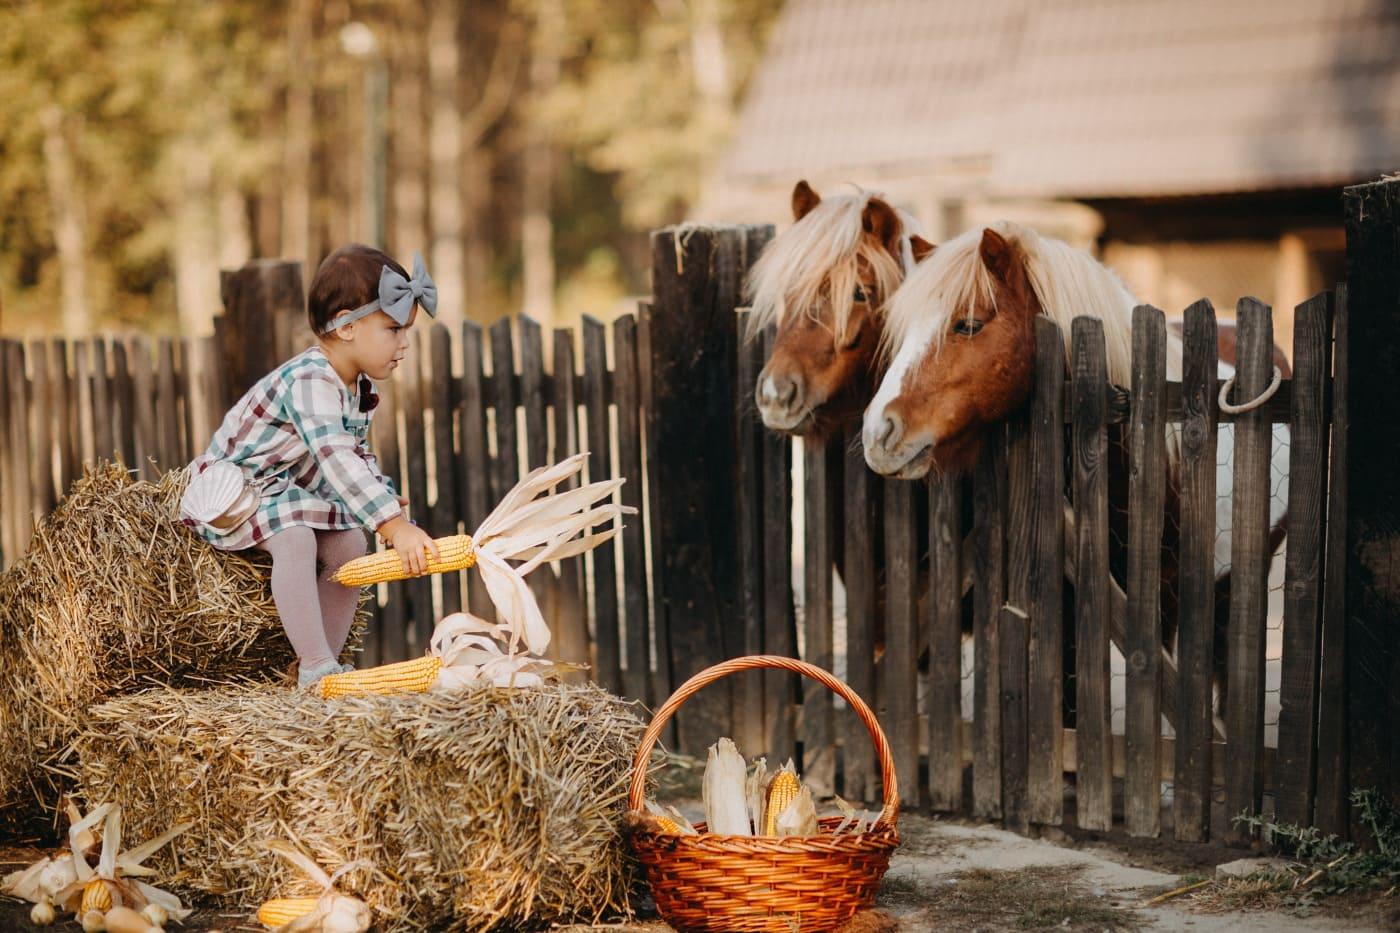 figlio, bella ragazza, ragazza, cavalli, Villaggio, alimentazione, mais, Granaio, fieno, azienda agricola